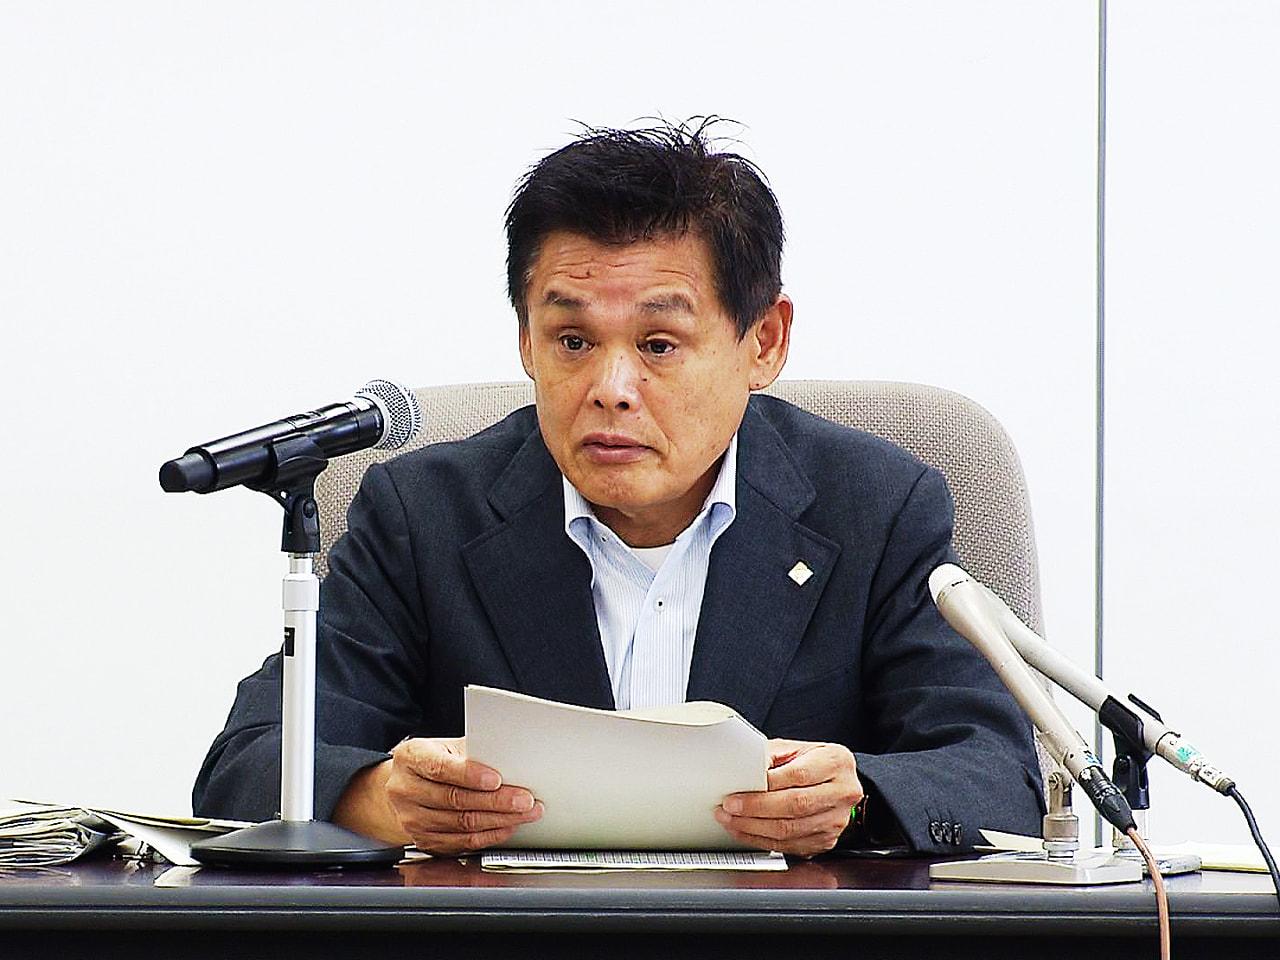 馬券の不正購入問題でレースの自粛が続く笠松競馬について、岐阜県地方競馬組合は9日...